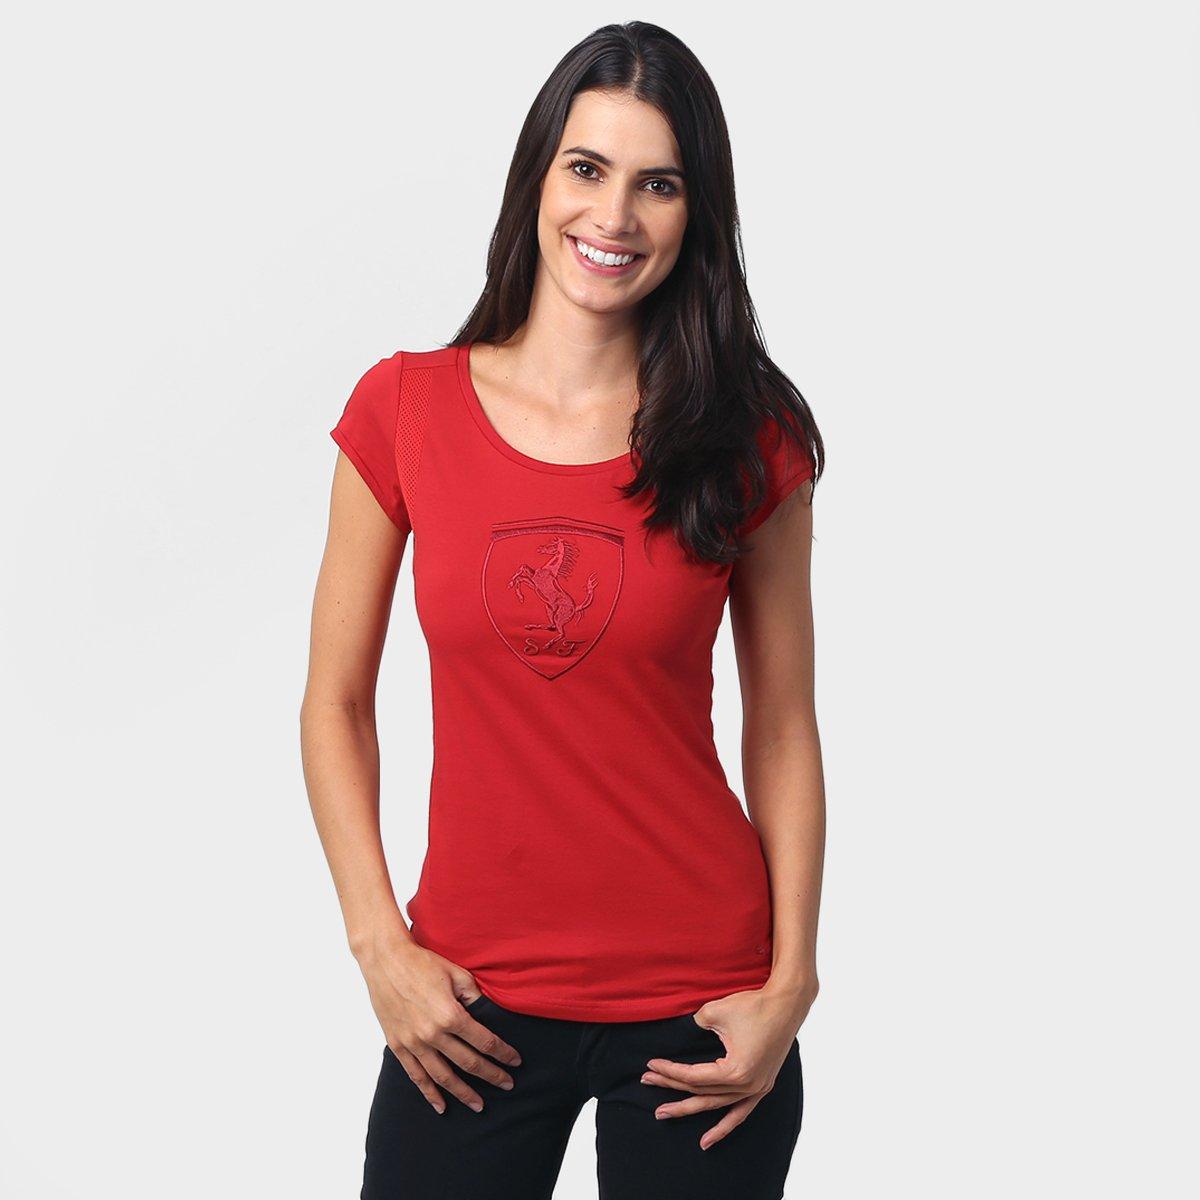 Camiseta Puma Ferrari Shield - Compre Agora  41aaa6f84a28b